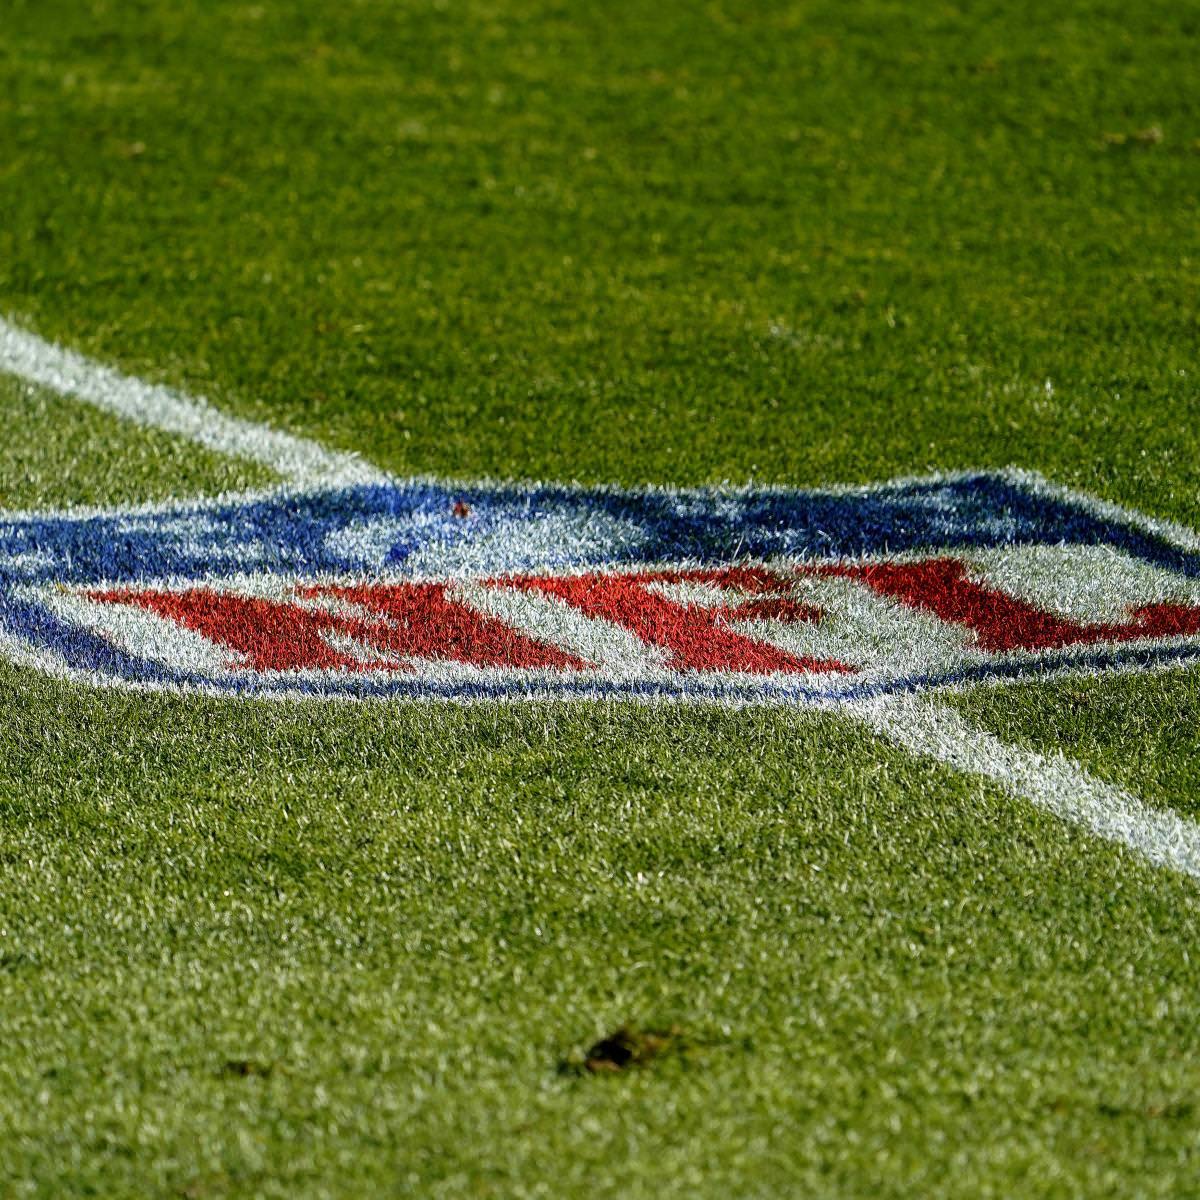 Broncos supostamente queria o treinador Rob Calabrese para começar no QB;  Solicitação negada da NFL